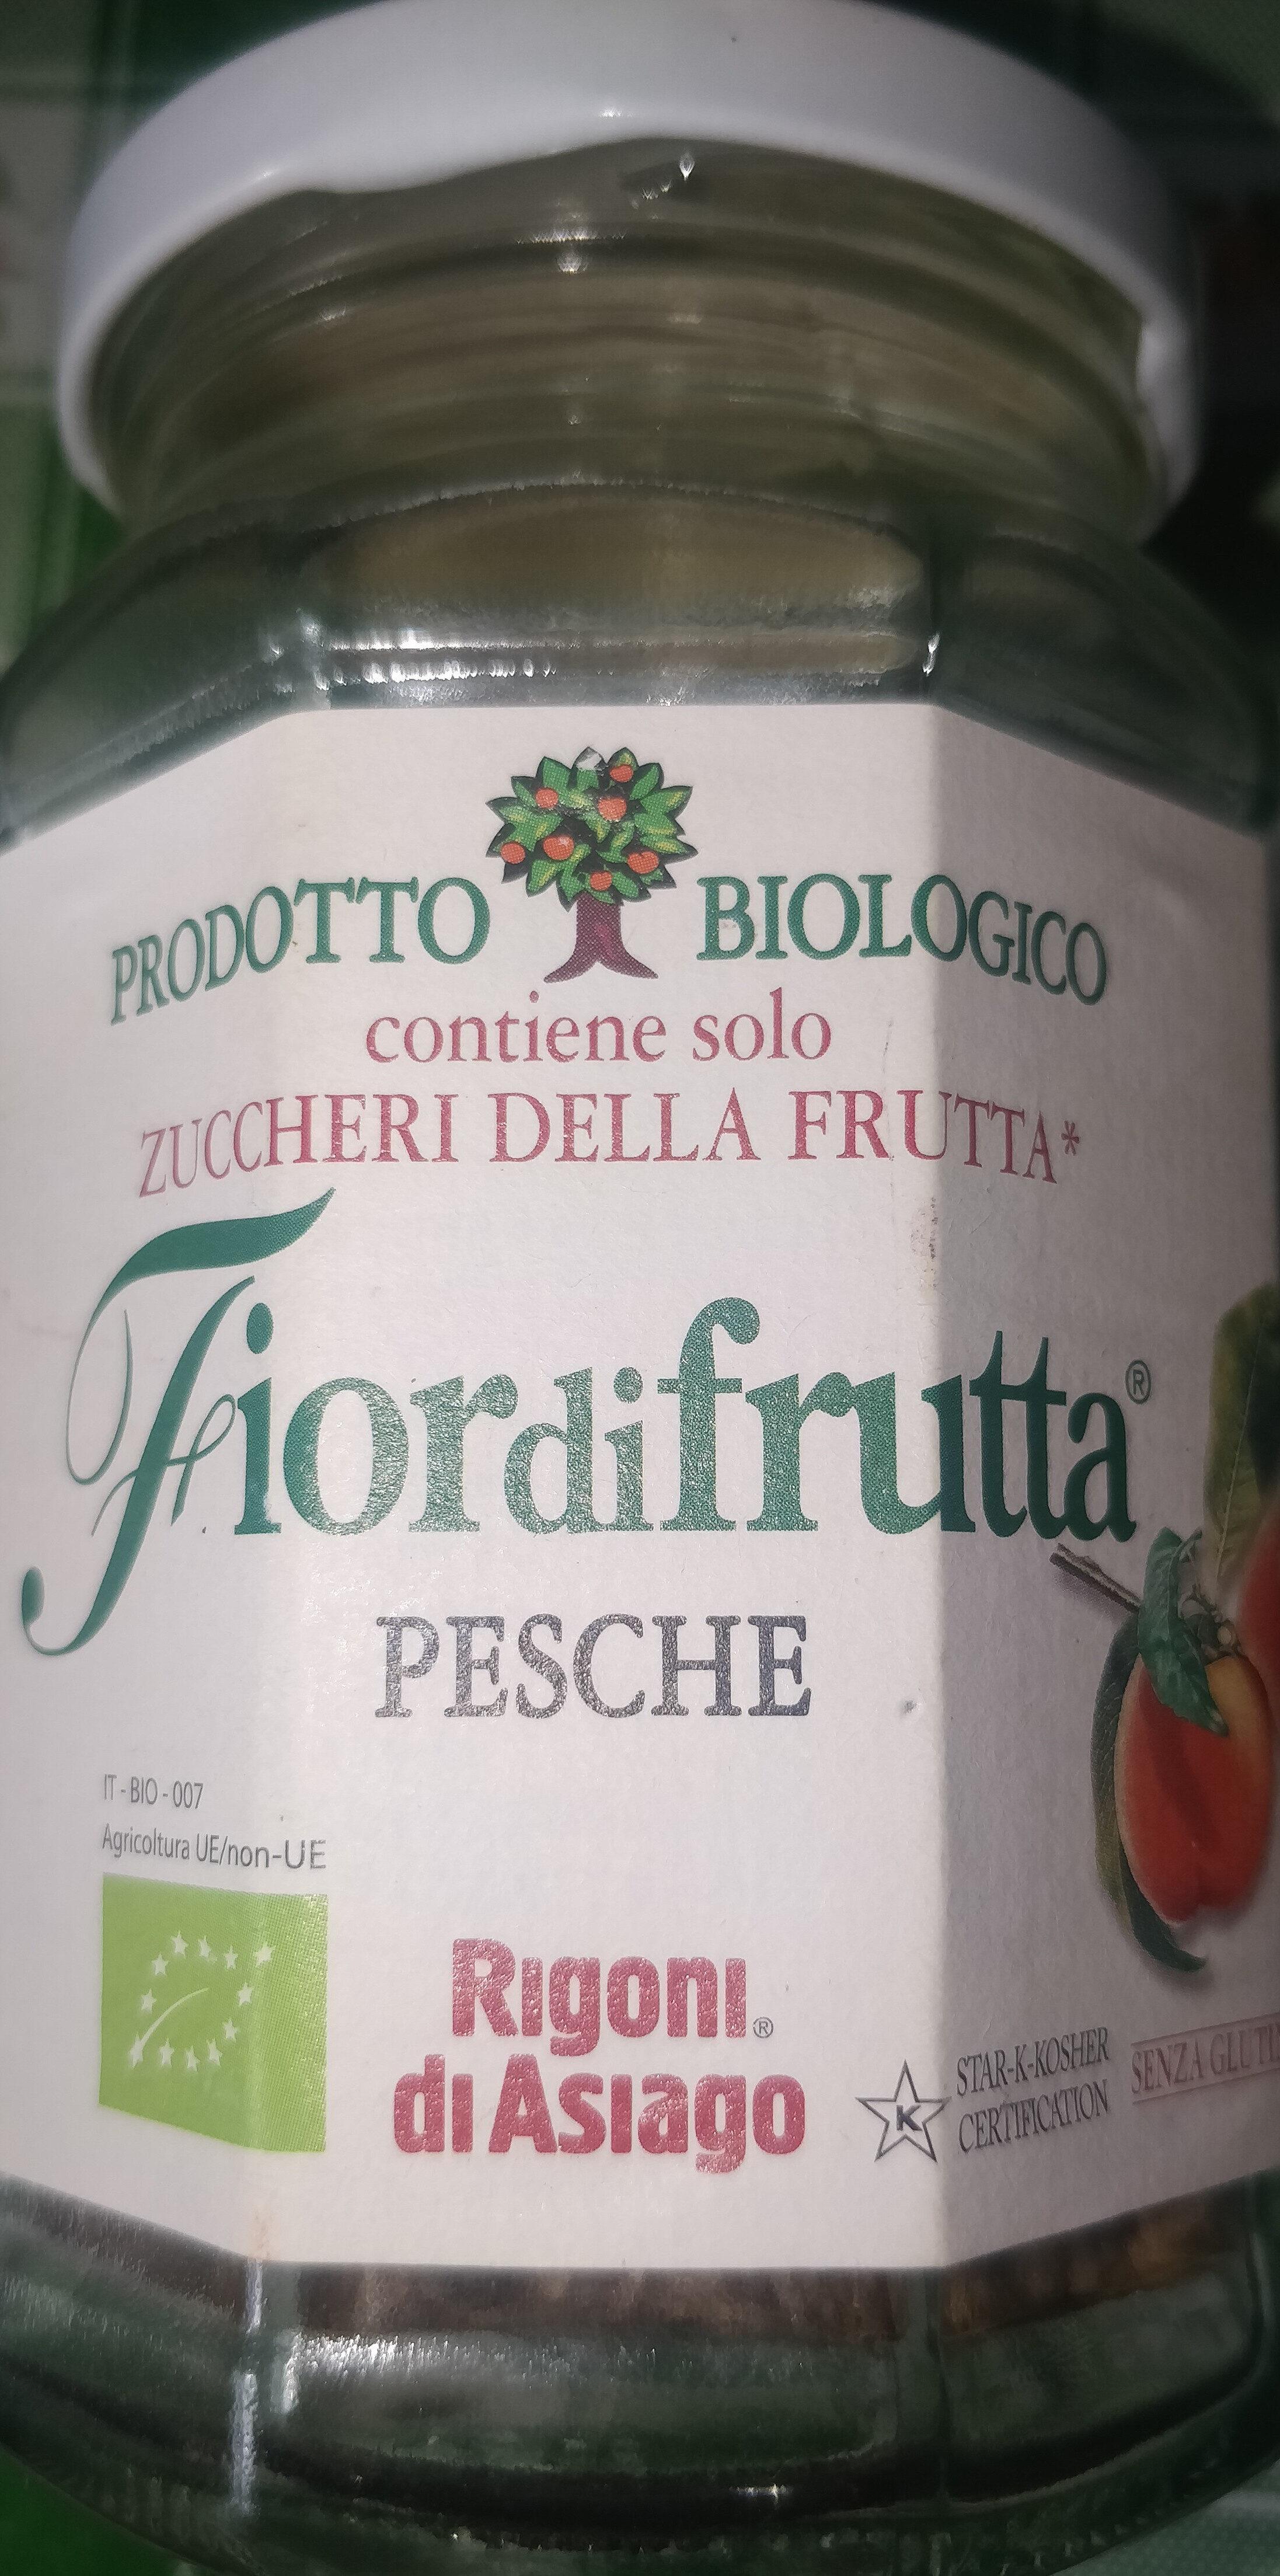 Fiordifrutta pesche - Product - it